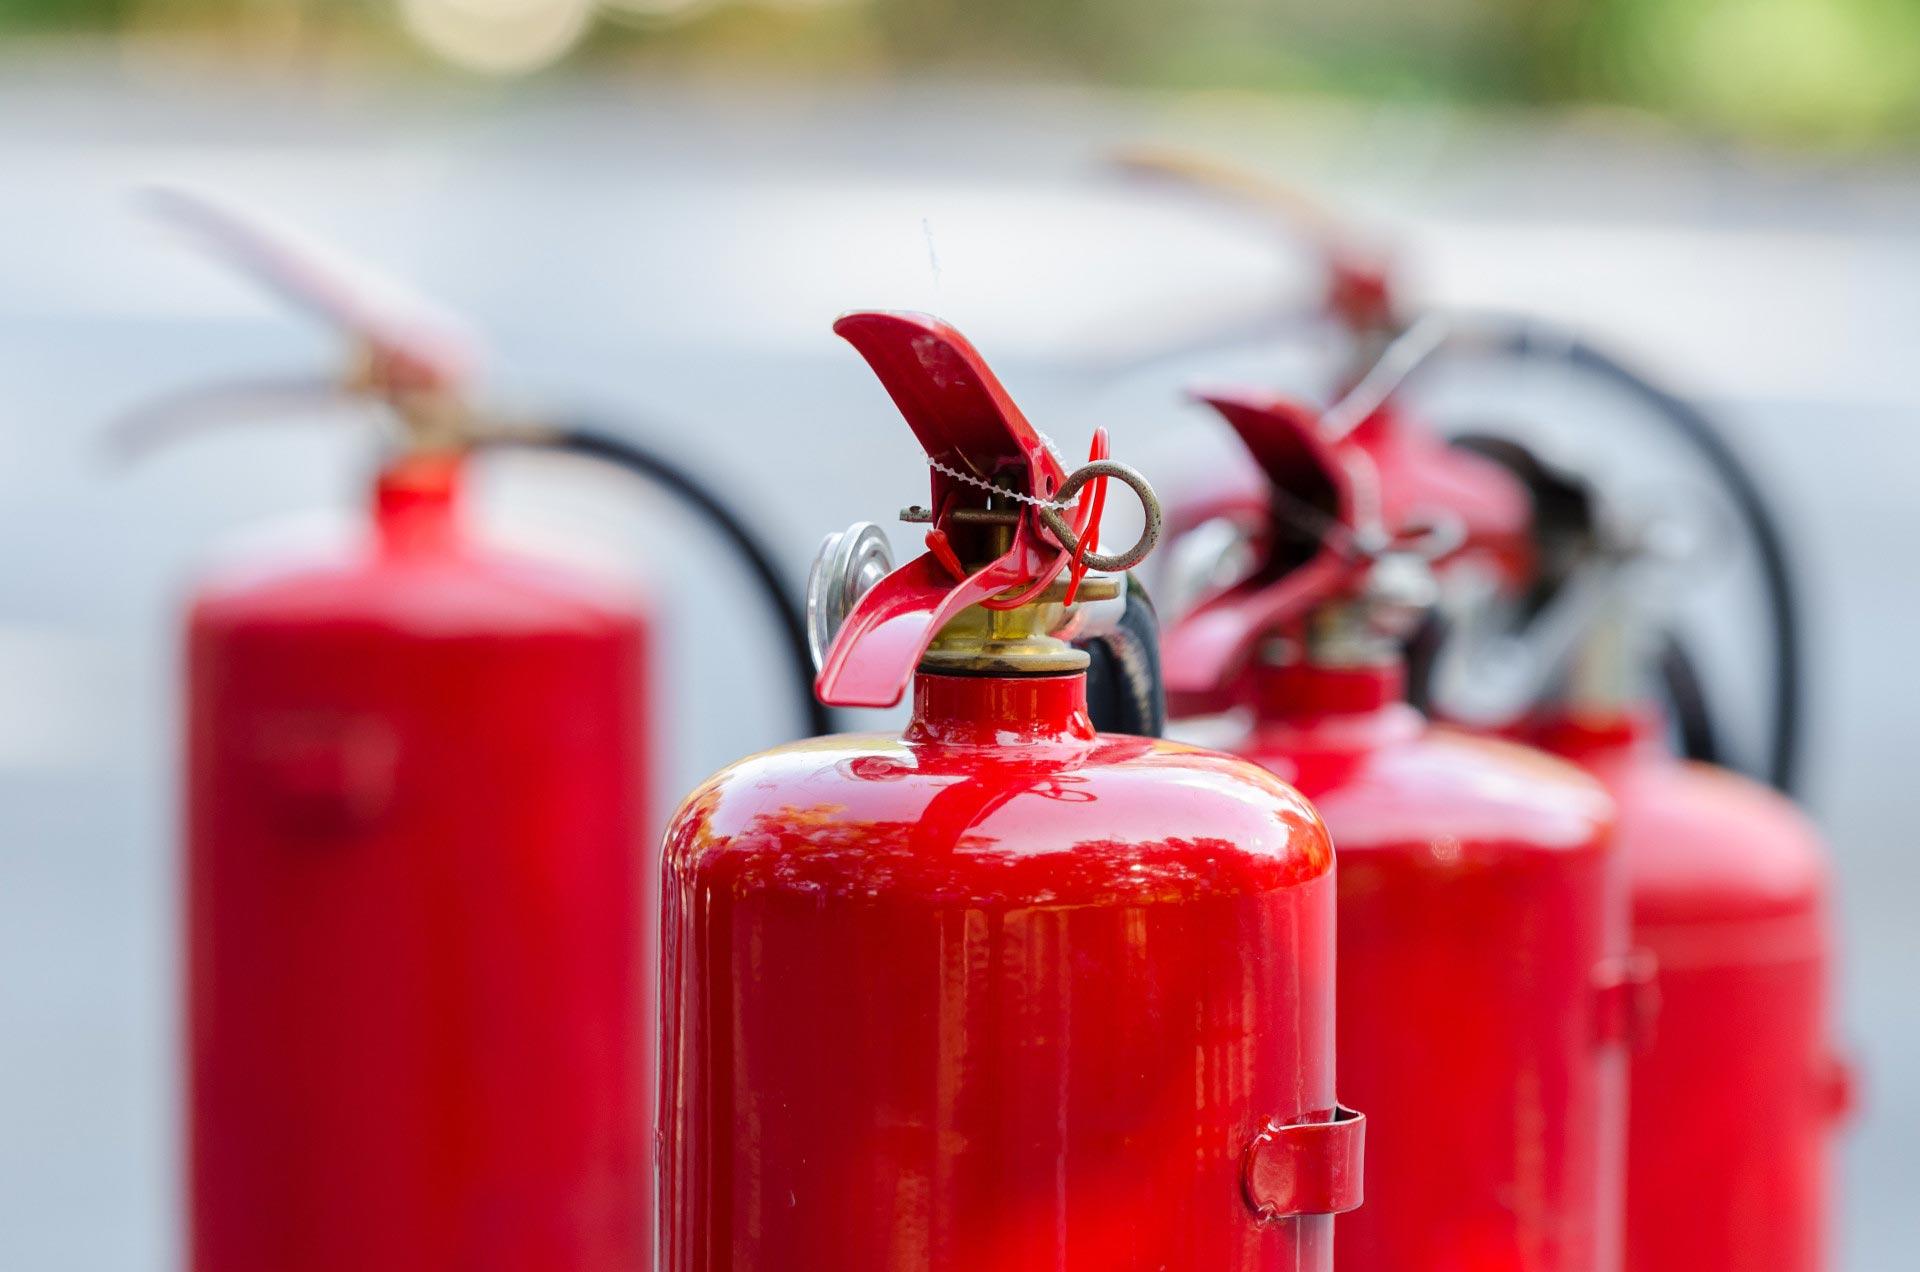 Emme Antincendio Srl - Producteur d'extincteurs certifiés